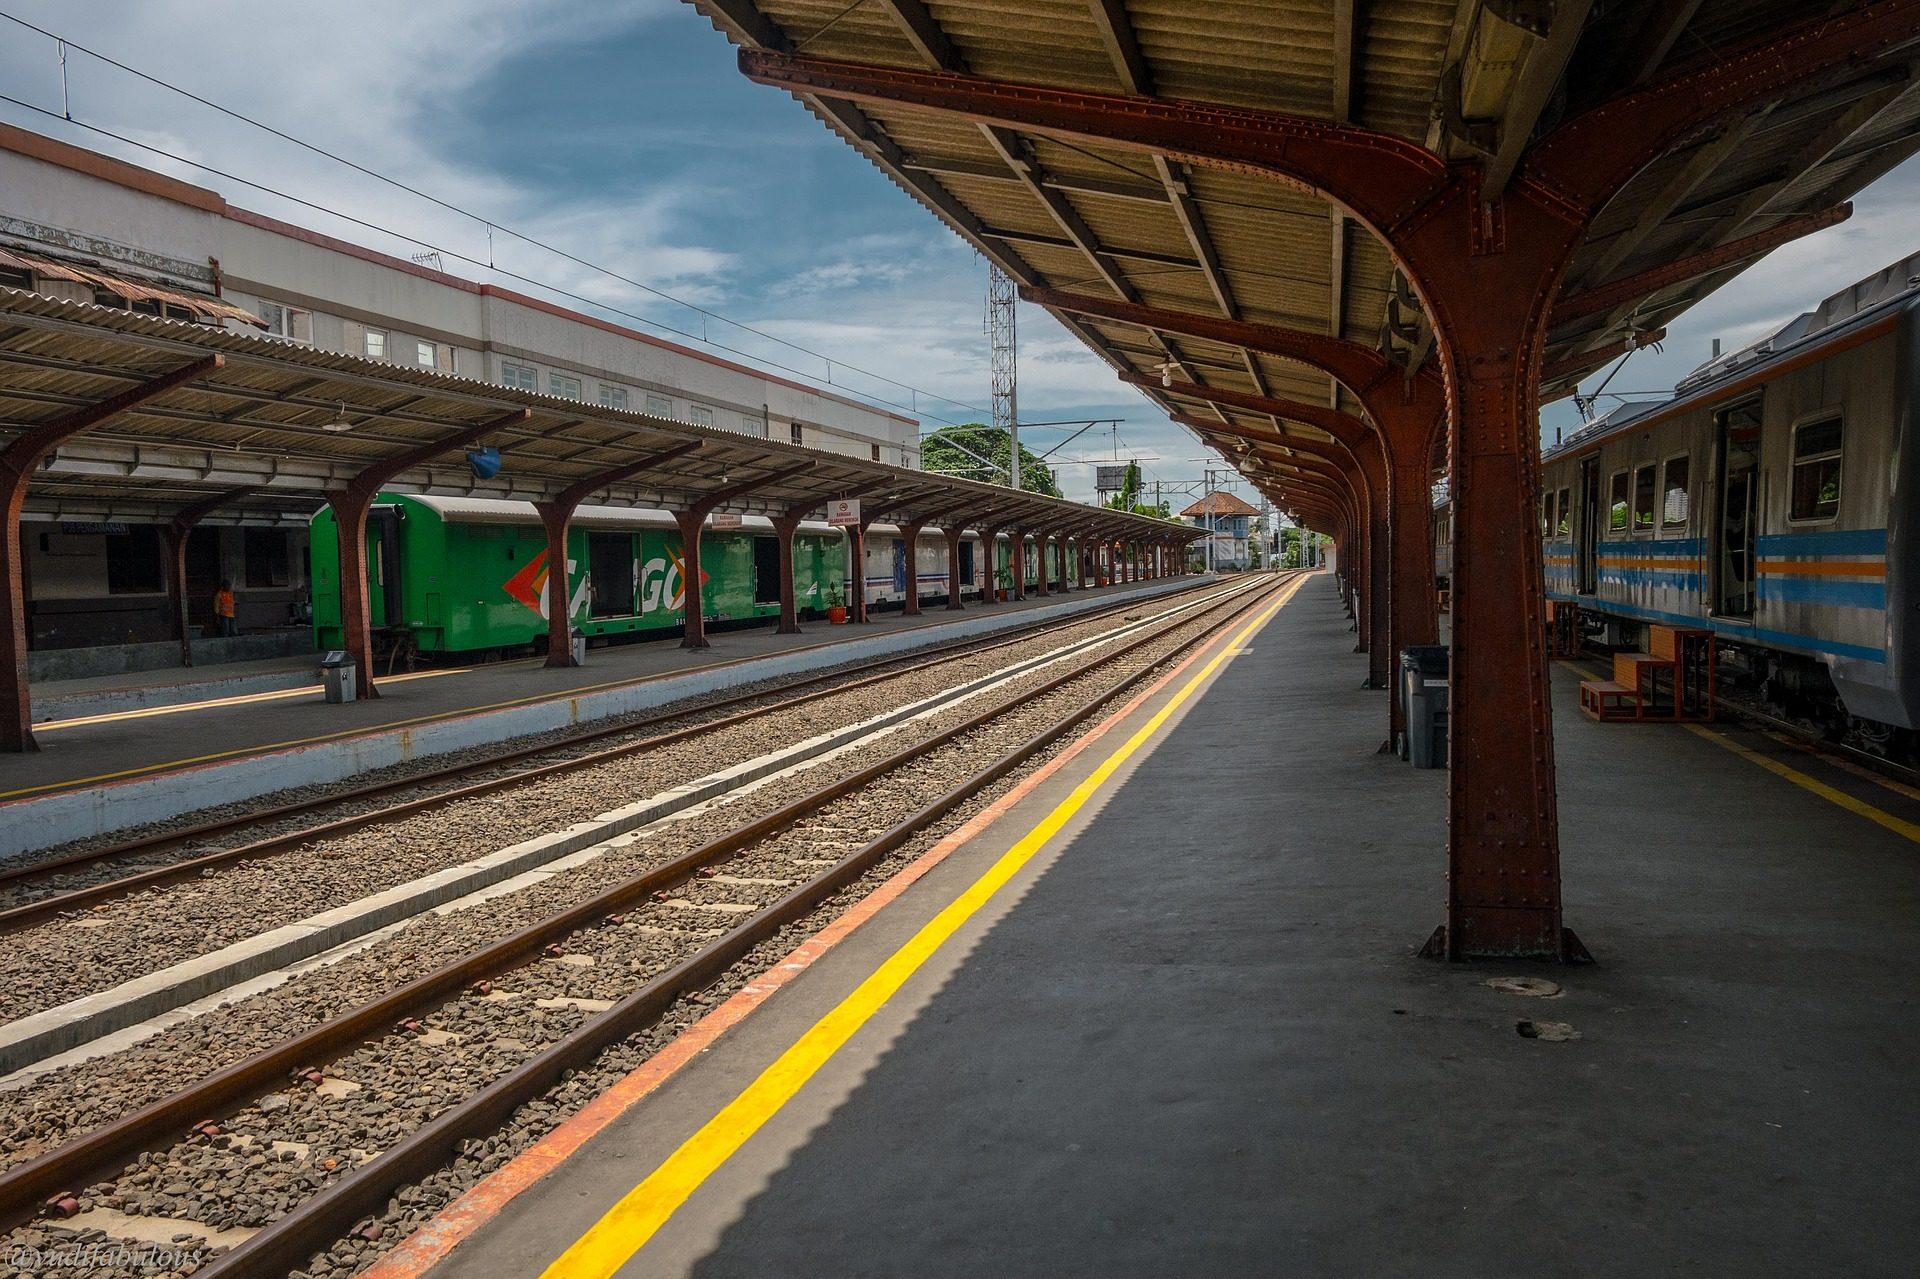 Σταθμός, τρένο, σιδηρόδρομος, μονοπάτια, σόλο, vacía - Wallpapers HD - Professor-falken.com